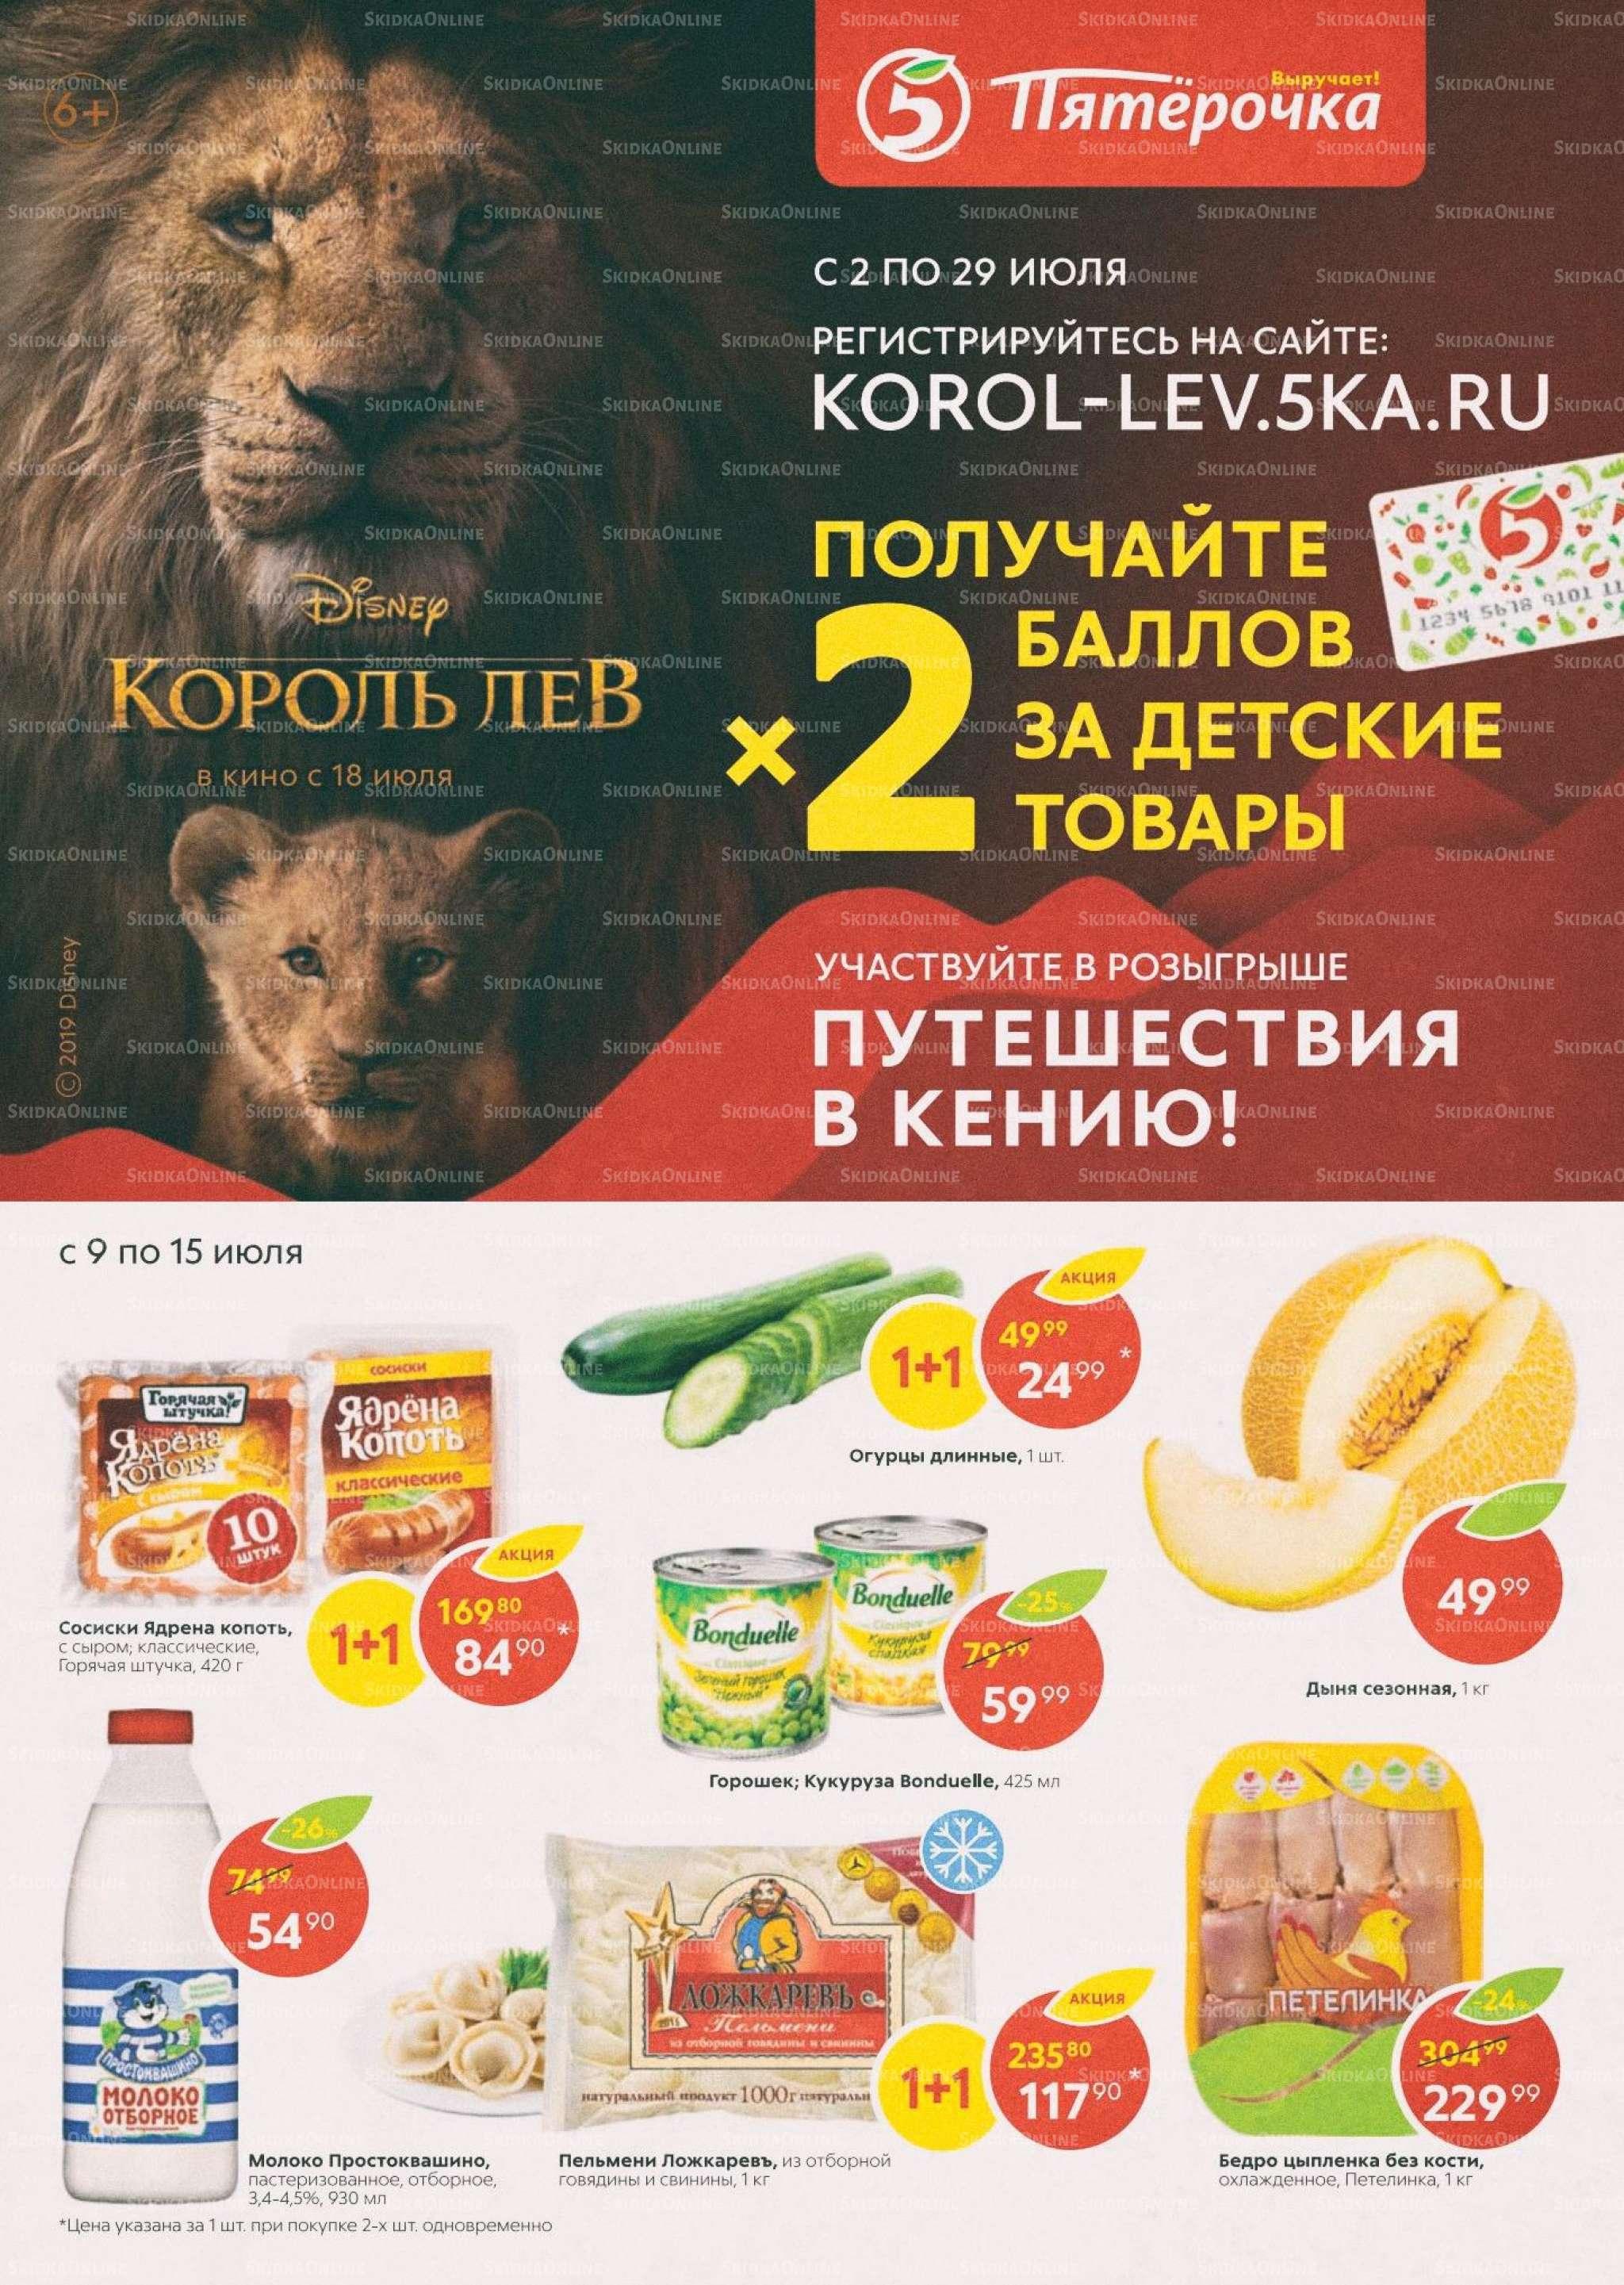 Акции в Пятёрочке с 9 по 15 июля 2019 года